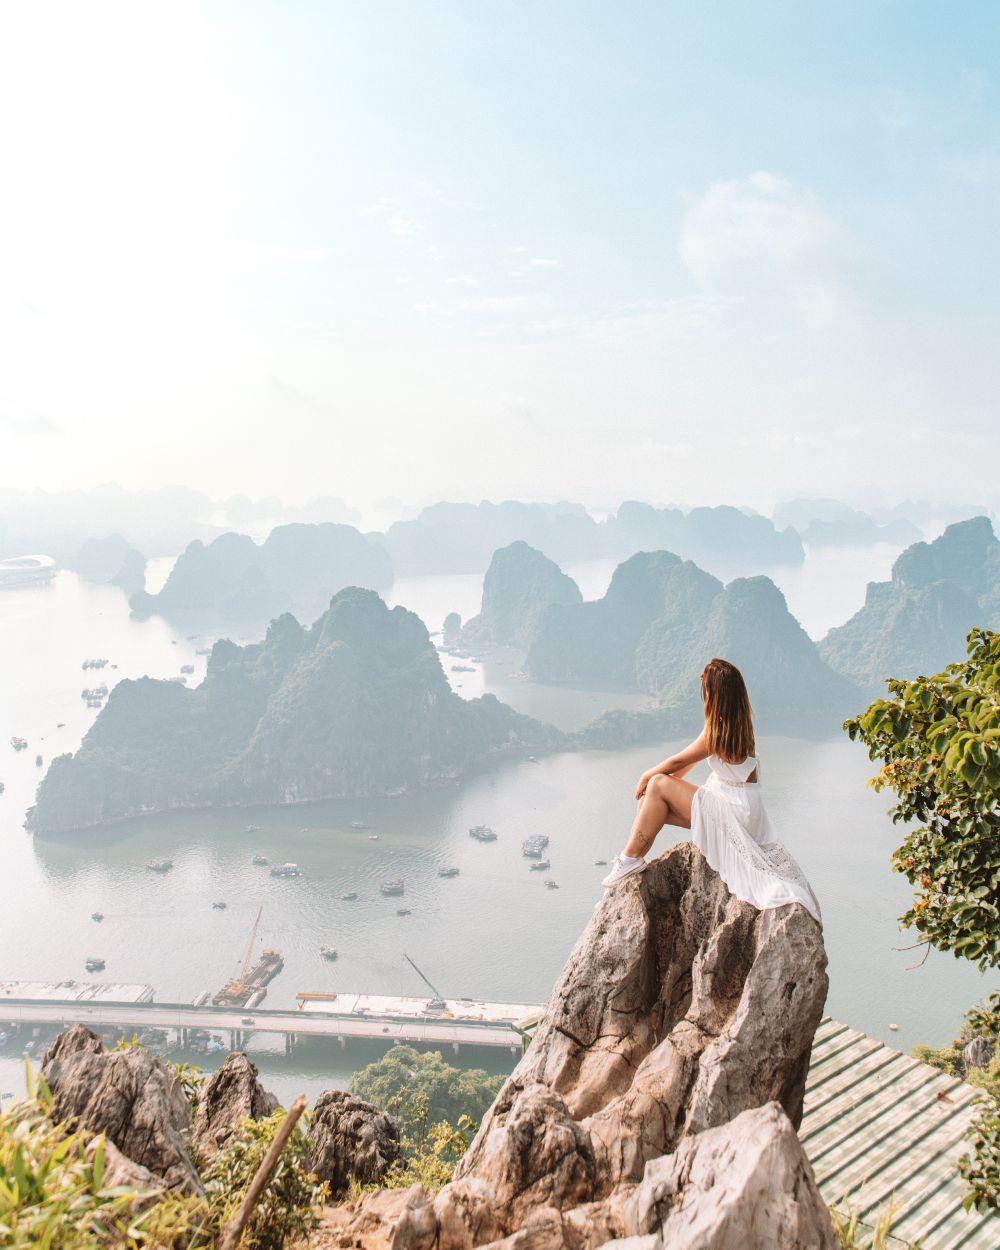 Bai Tho Mountain Ha Long Bay